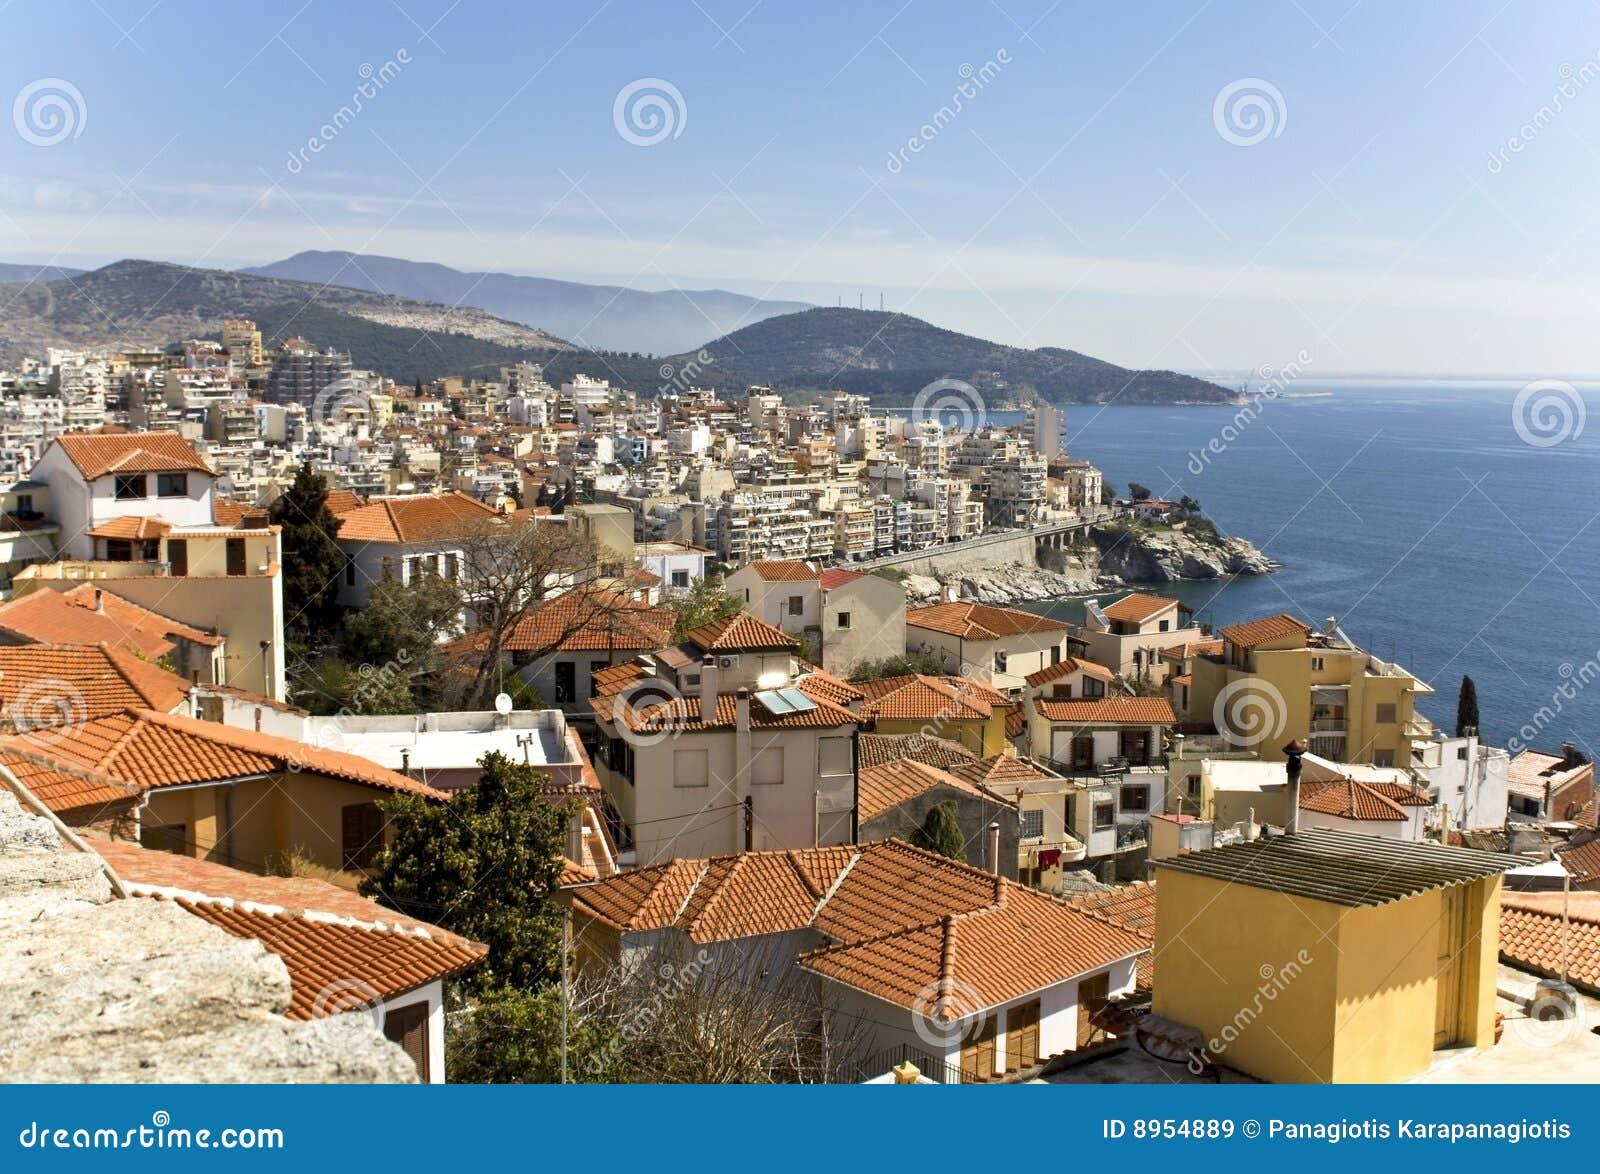 Scenic city of Kavala in Greece